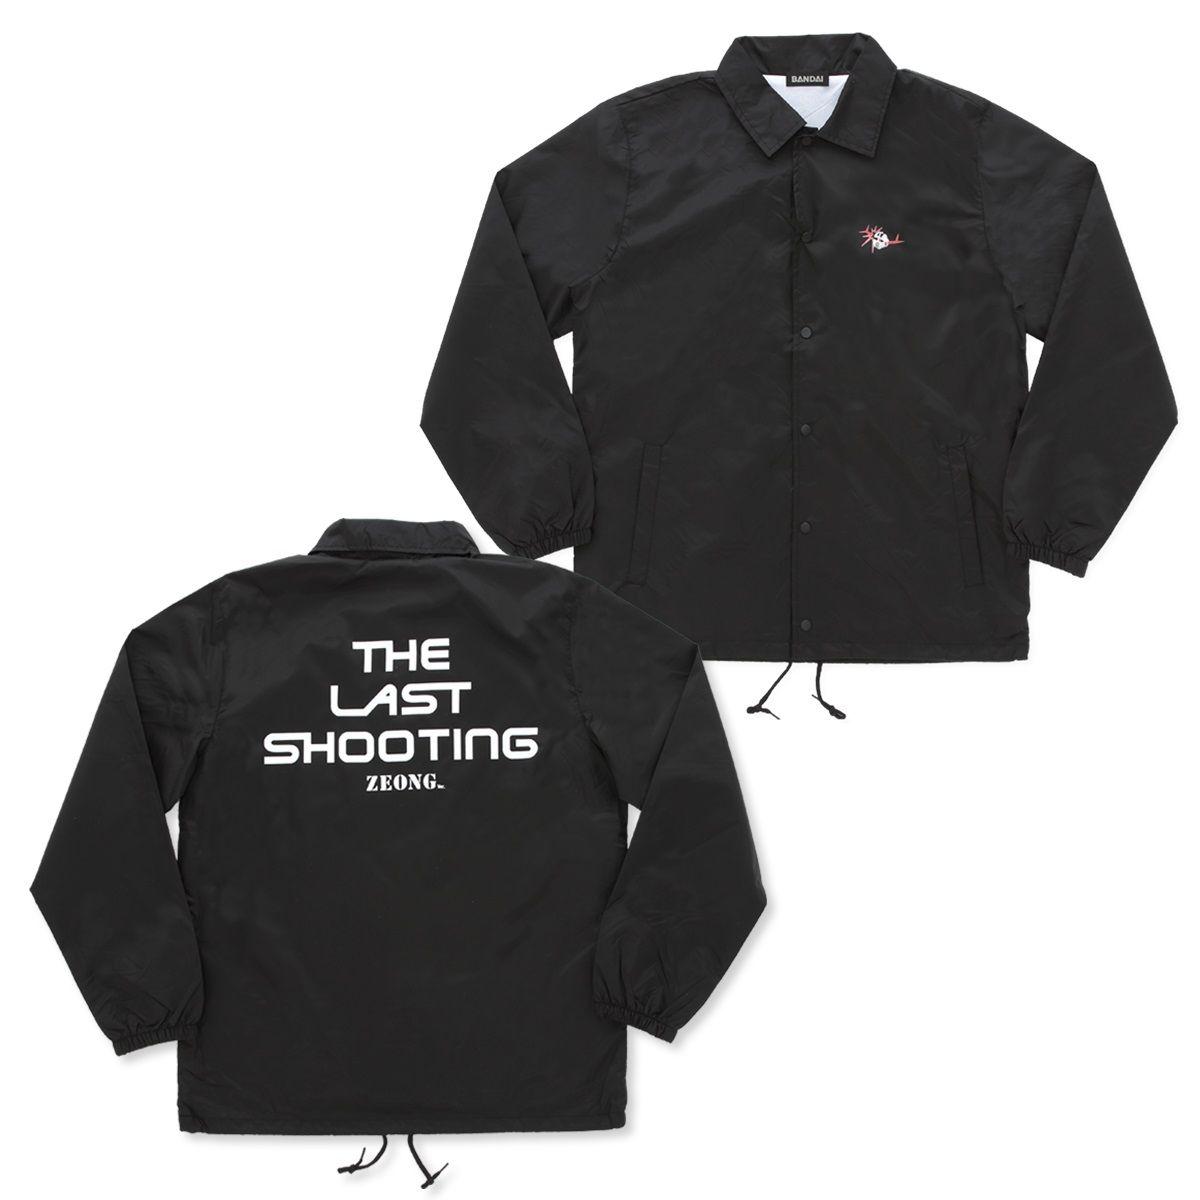 機動戰士鋼彈 THE LAST SHOOTING 吉翁克 外套